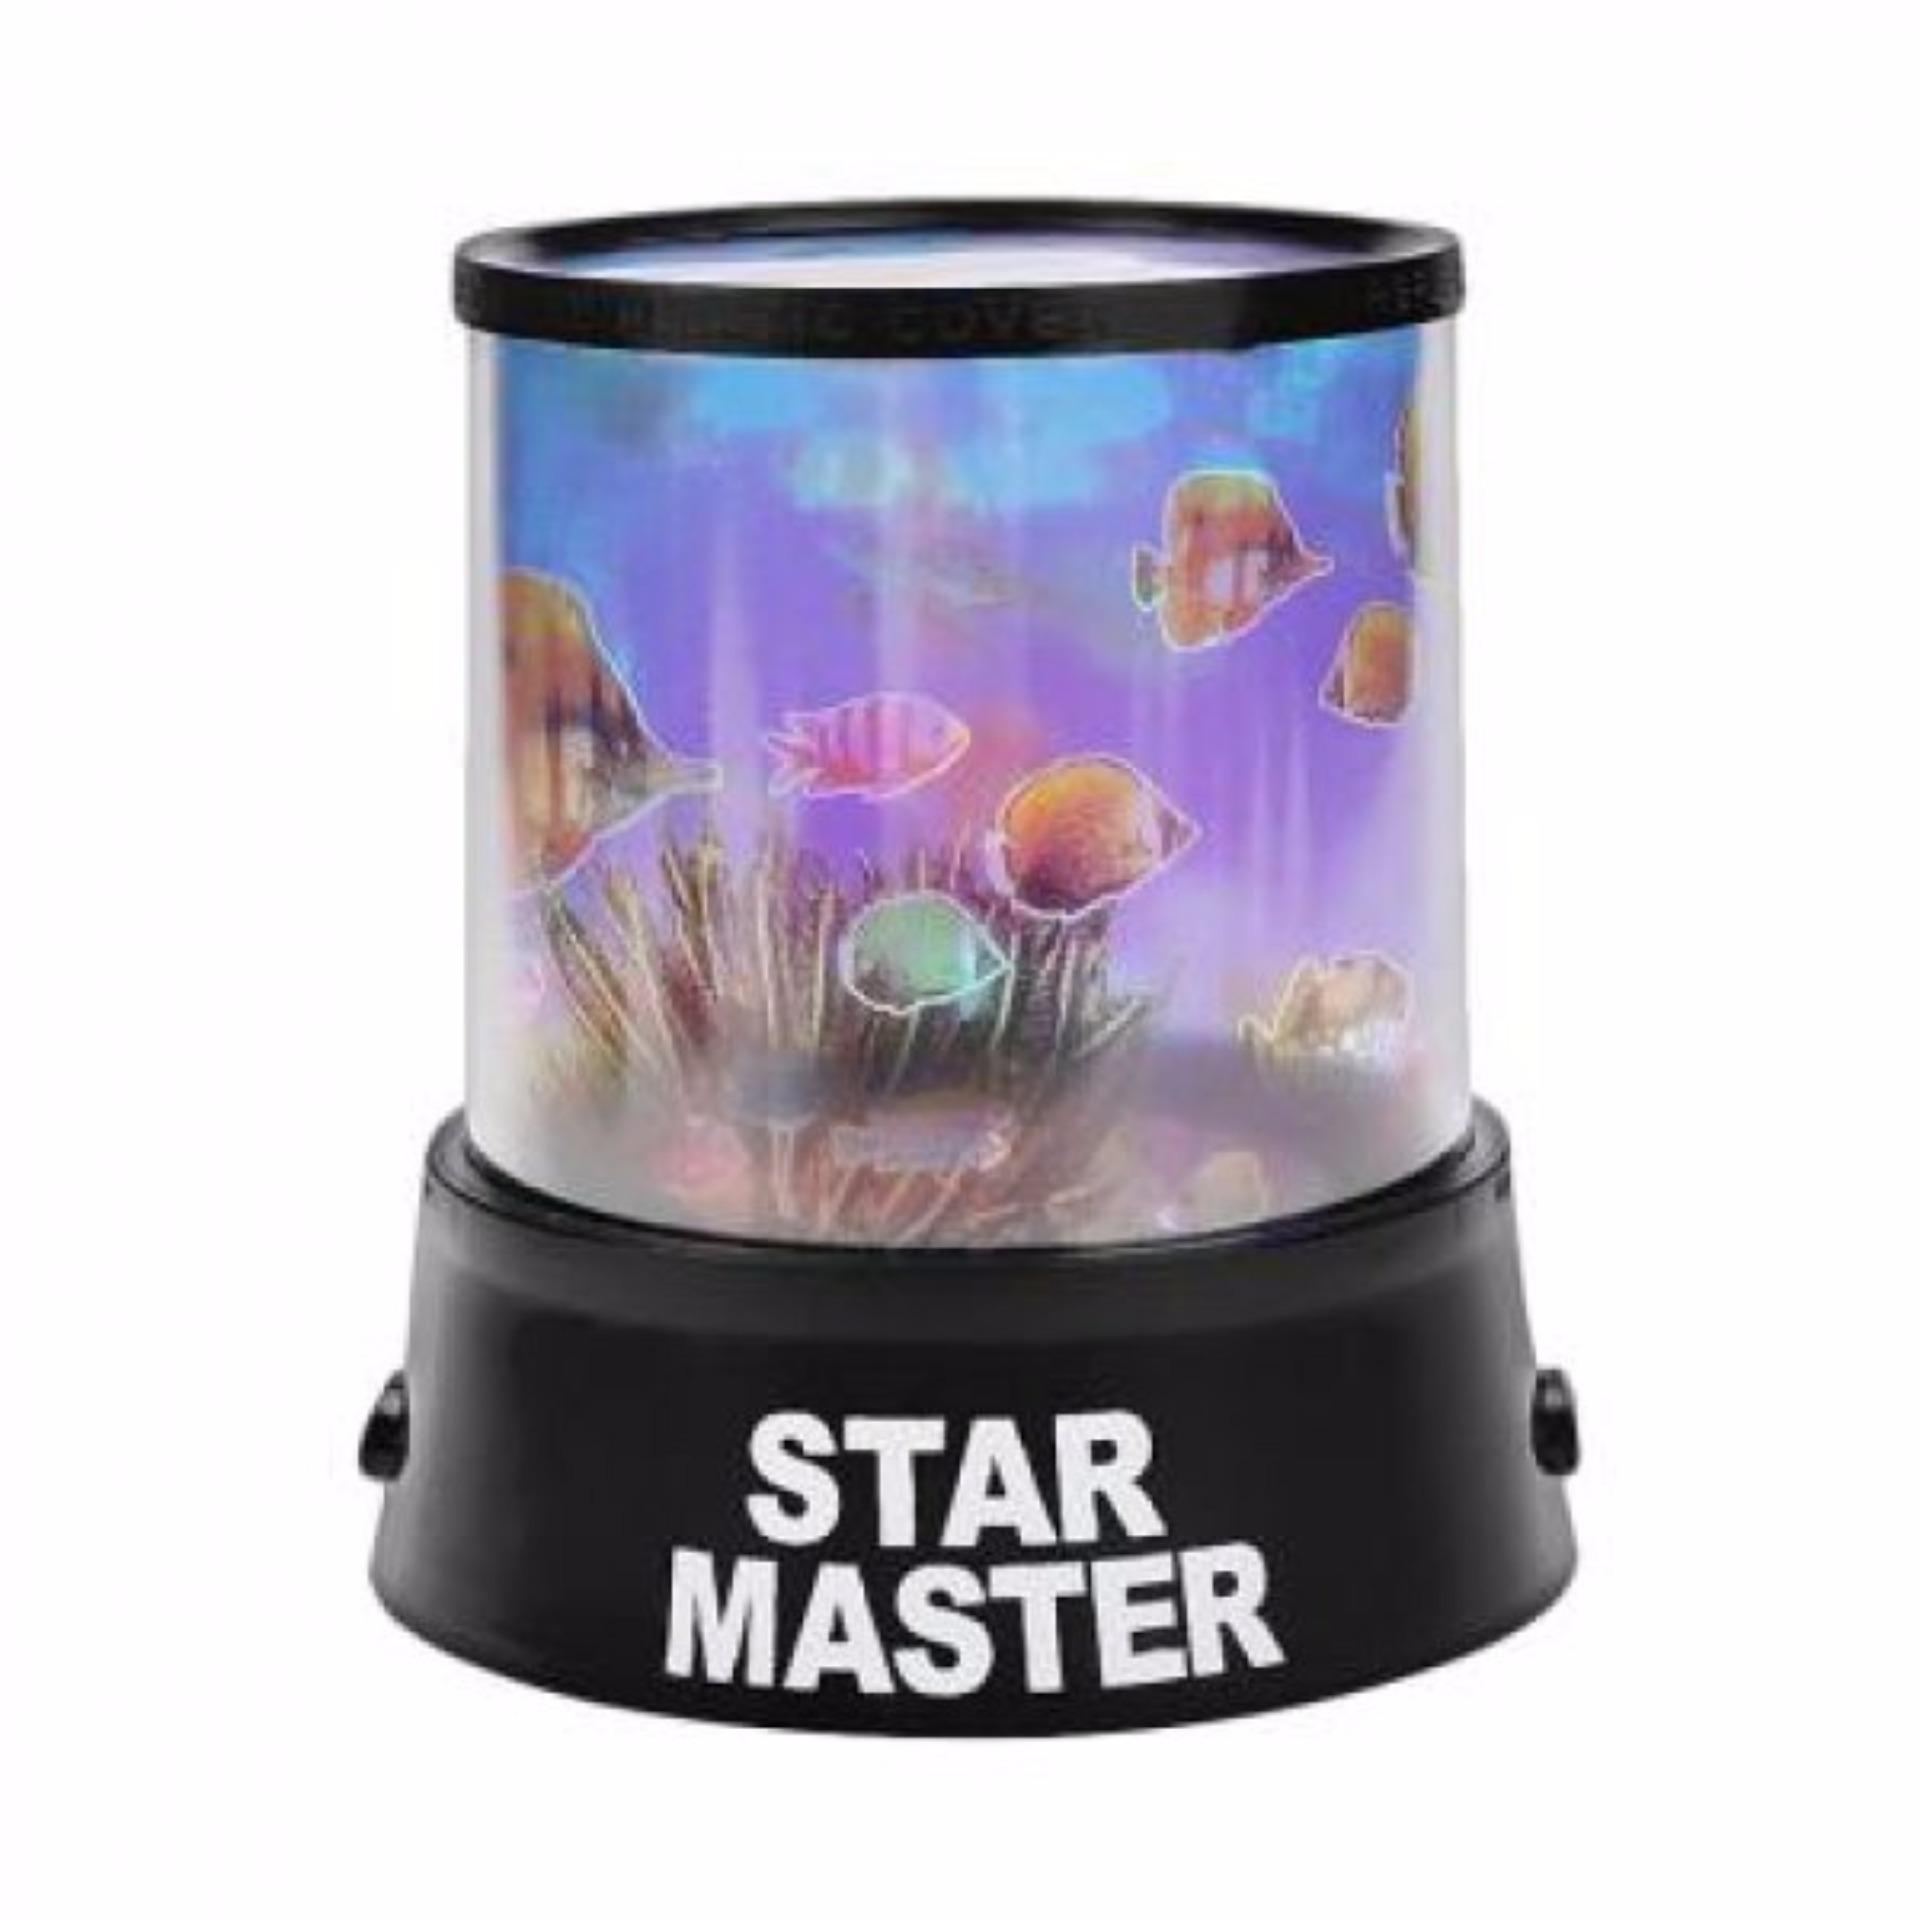 Lampu Hias Proyektor Star Master / Lampu Kamar Tidur - Aquarium